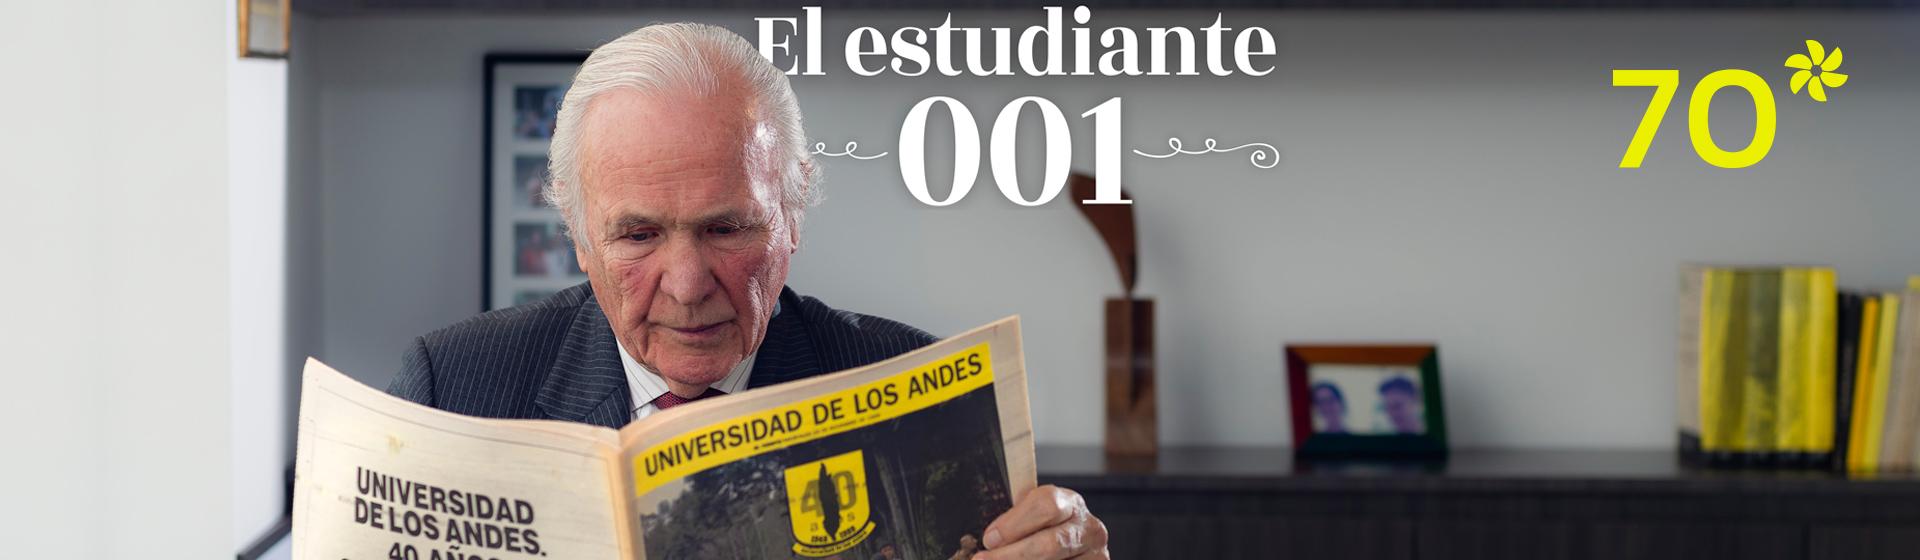 Fernando Restrepo, egresado de la primera promoción de la Universidad de los Andes.